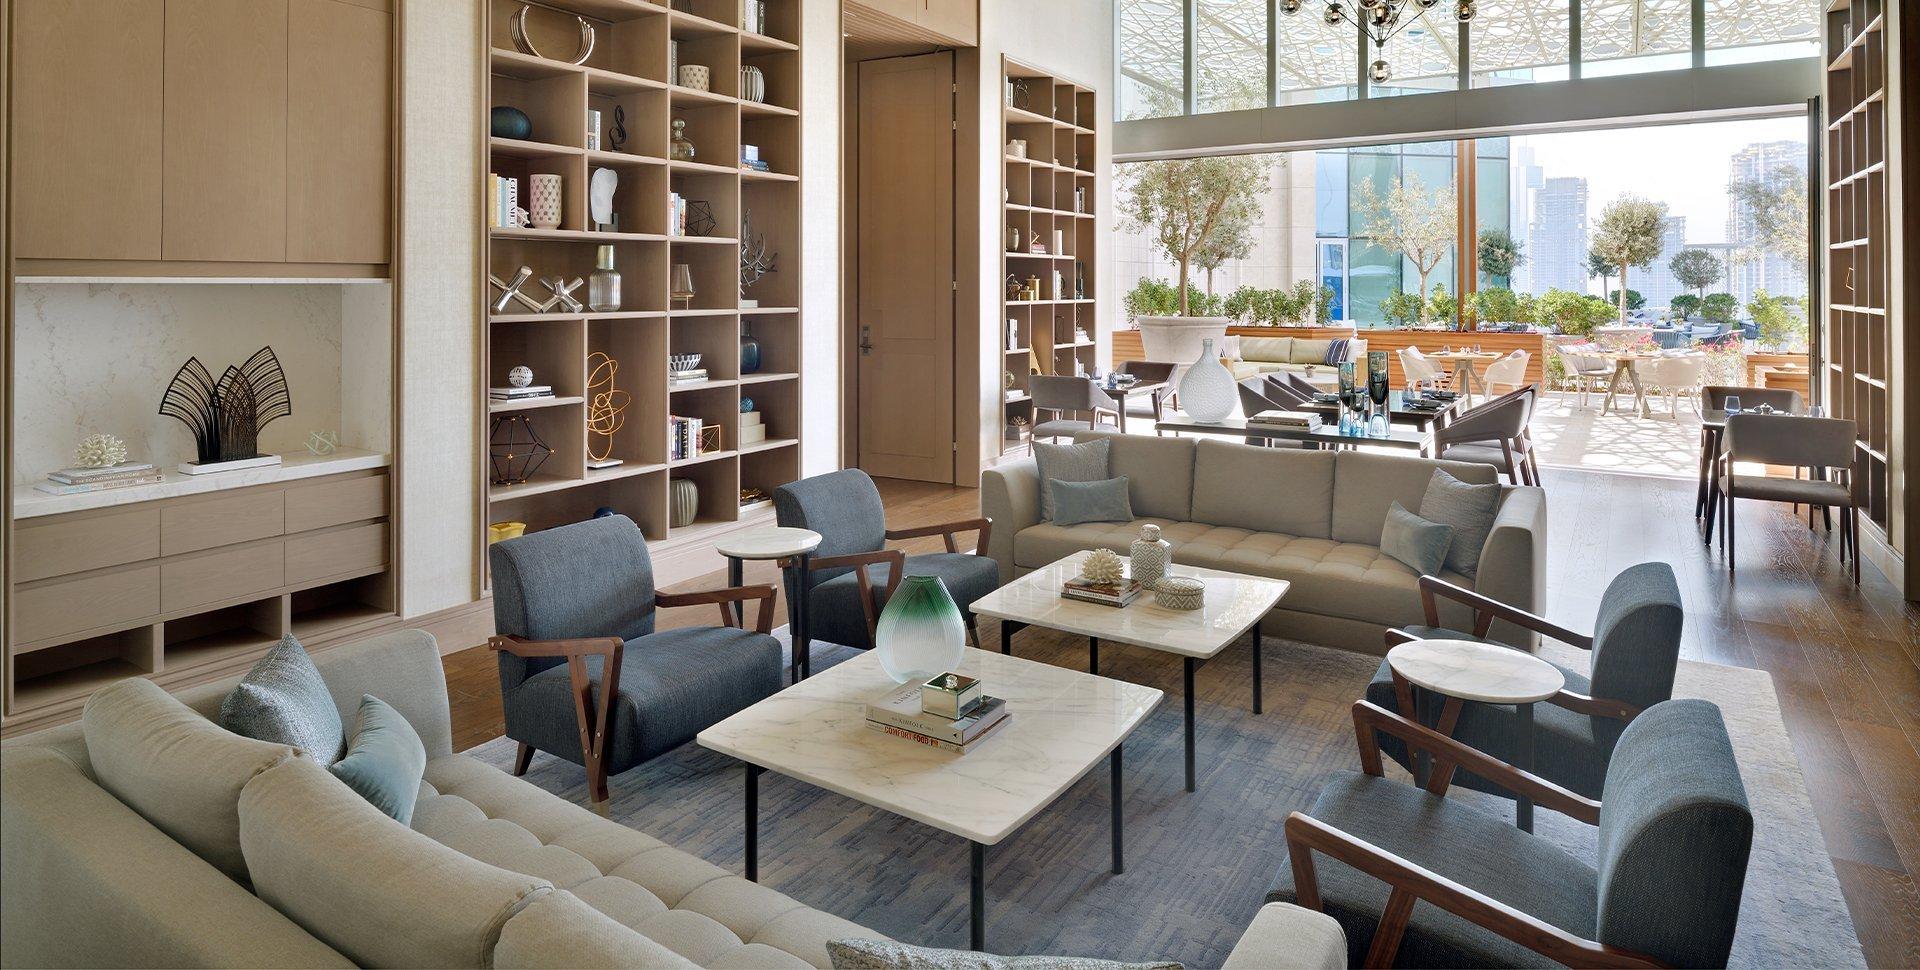 Apartamento en venta en Dubai, EAU, 4 dormitorios, 314 m2, № 24090 – foto 1